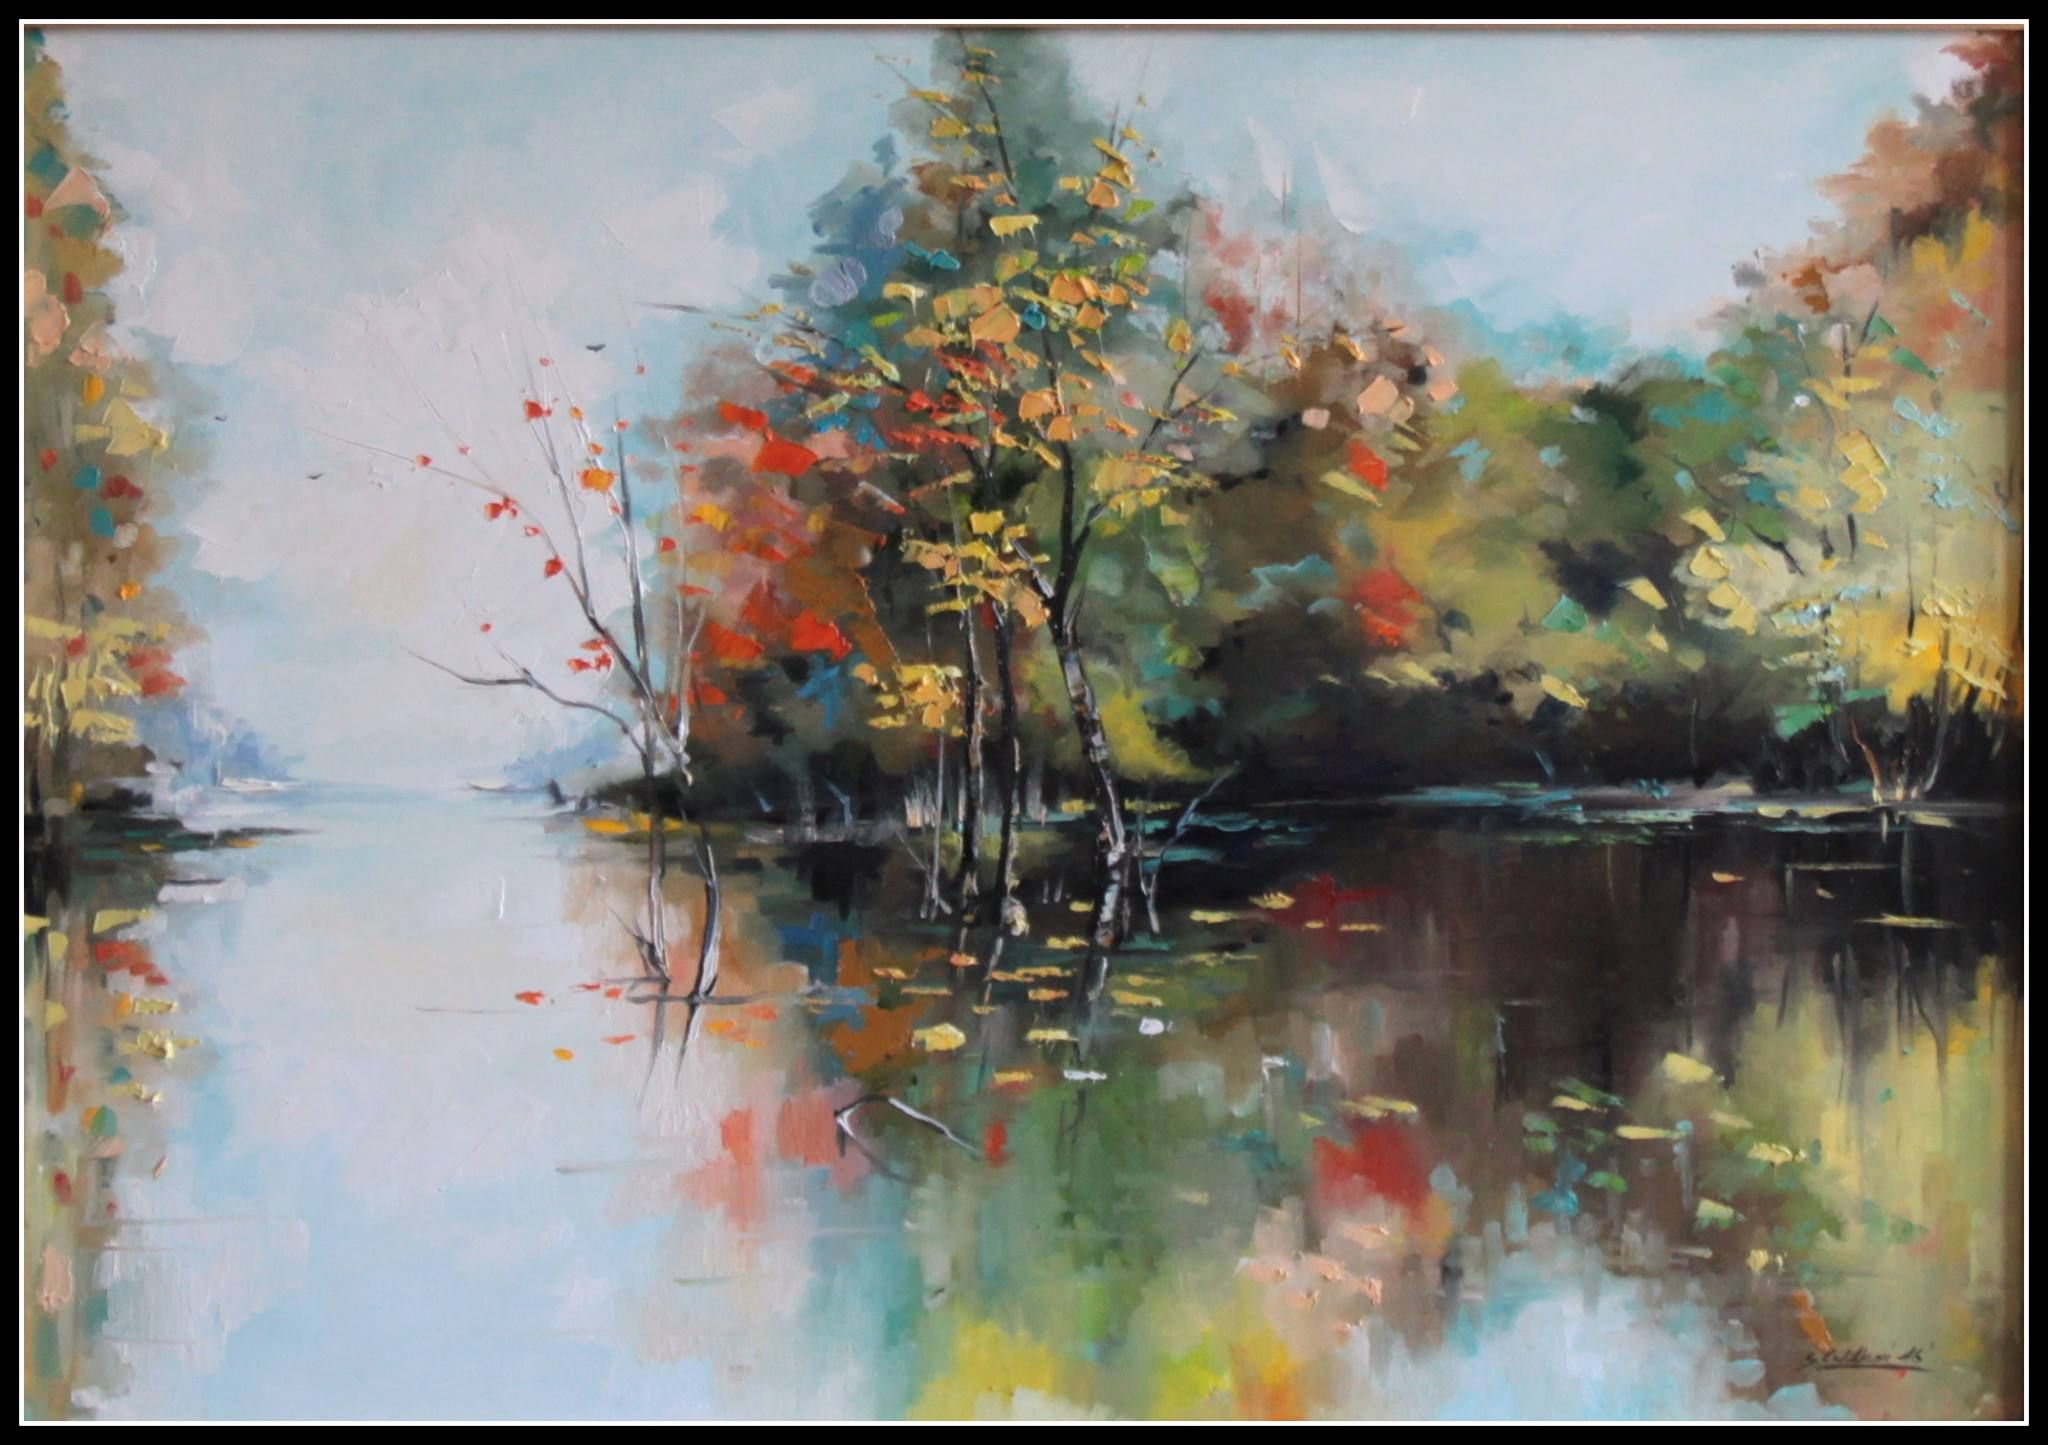 Obrazy Malarstwo Obrazy Olejne I Nowoczesne Cybulska Wilkon Obraz Jesien 03 Pejzaz Painting Landscape Paintings Art